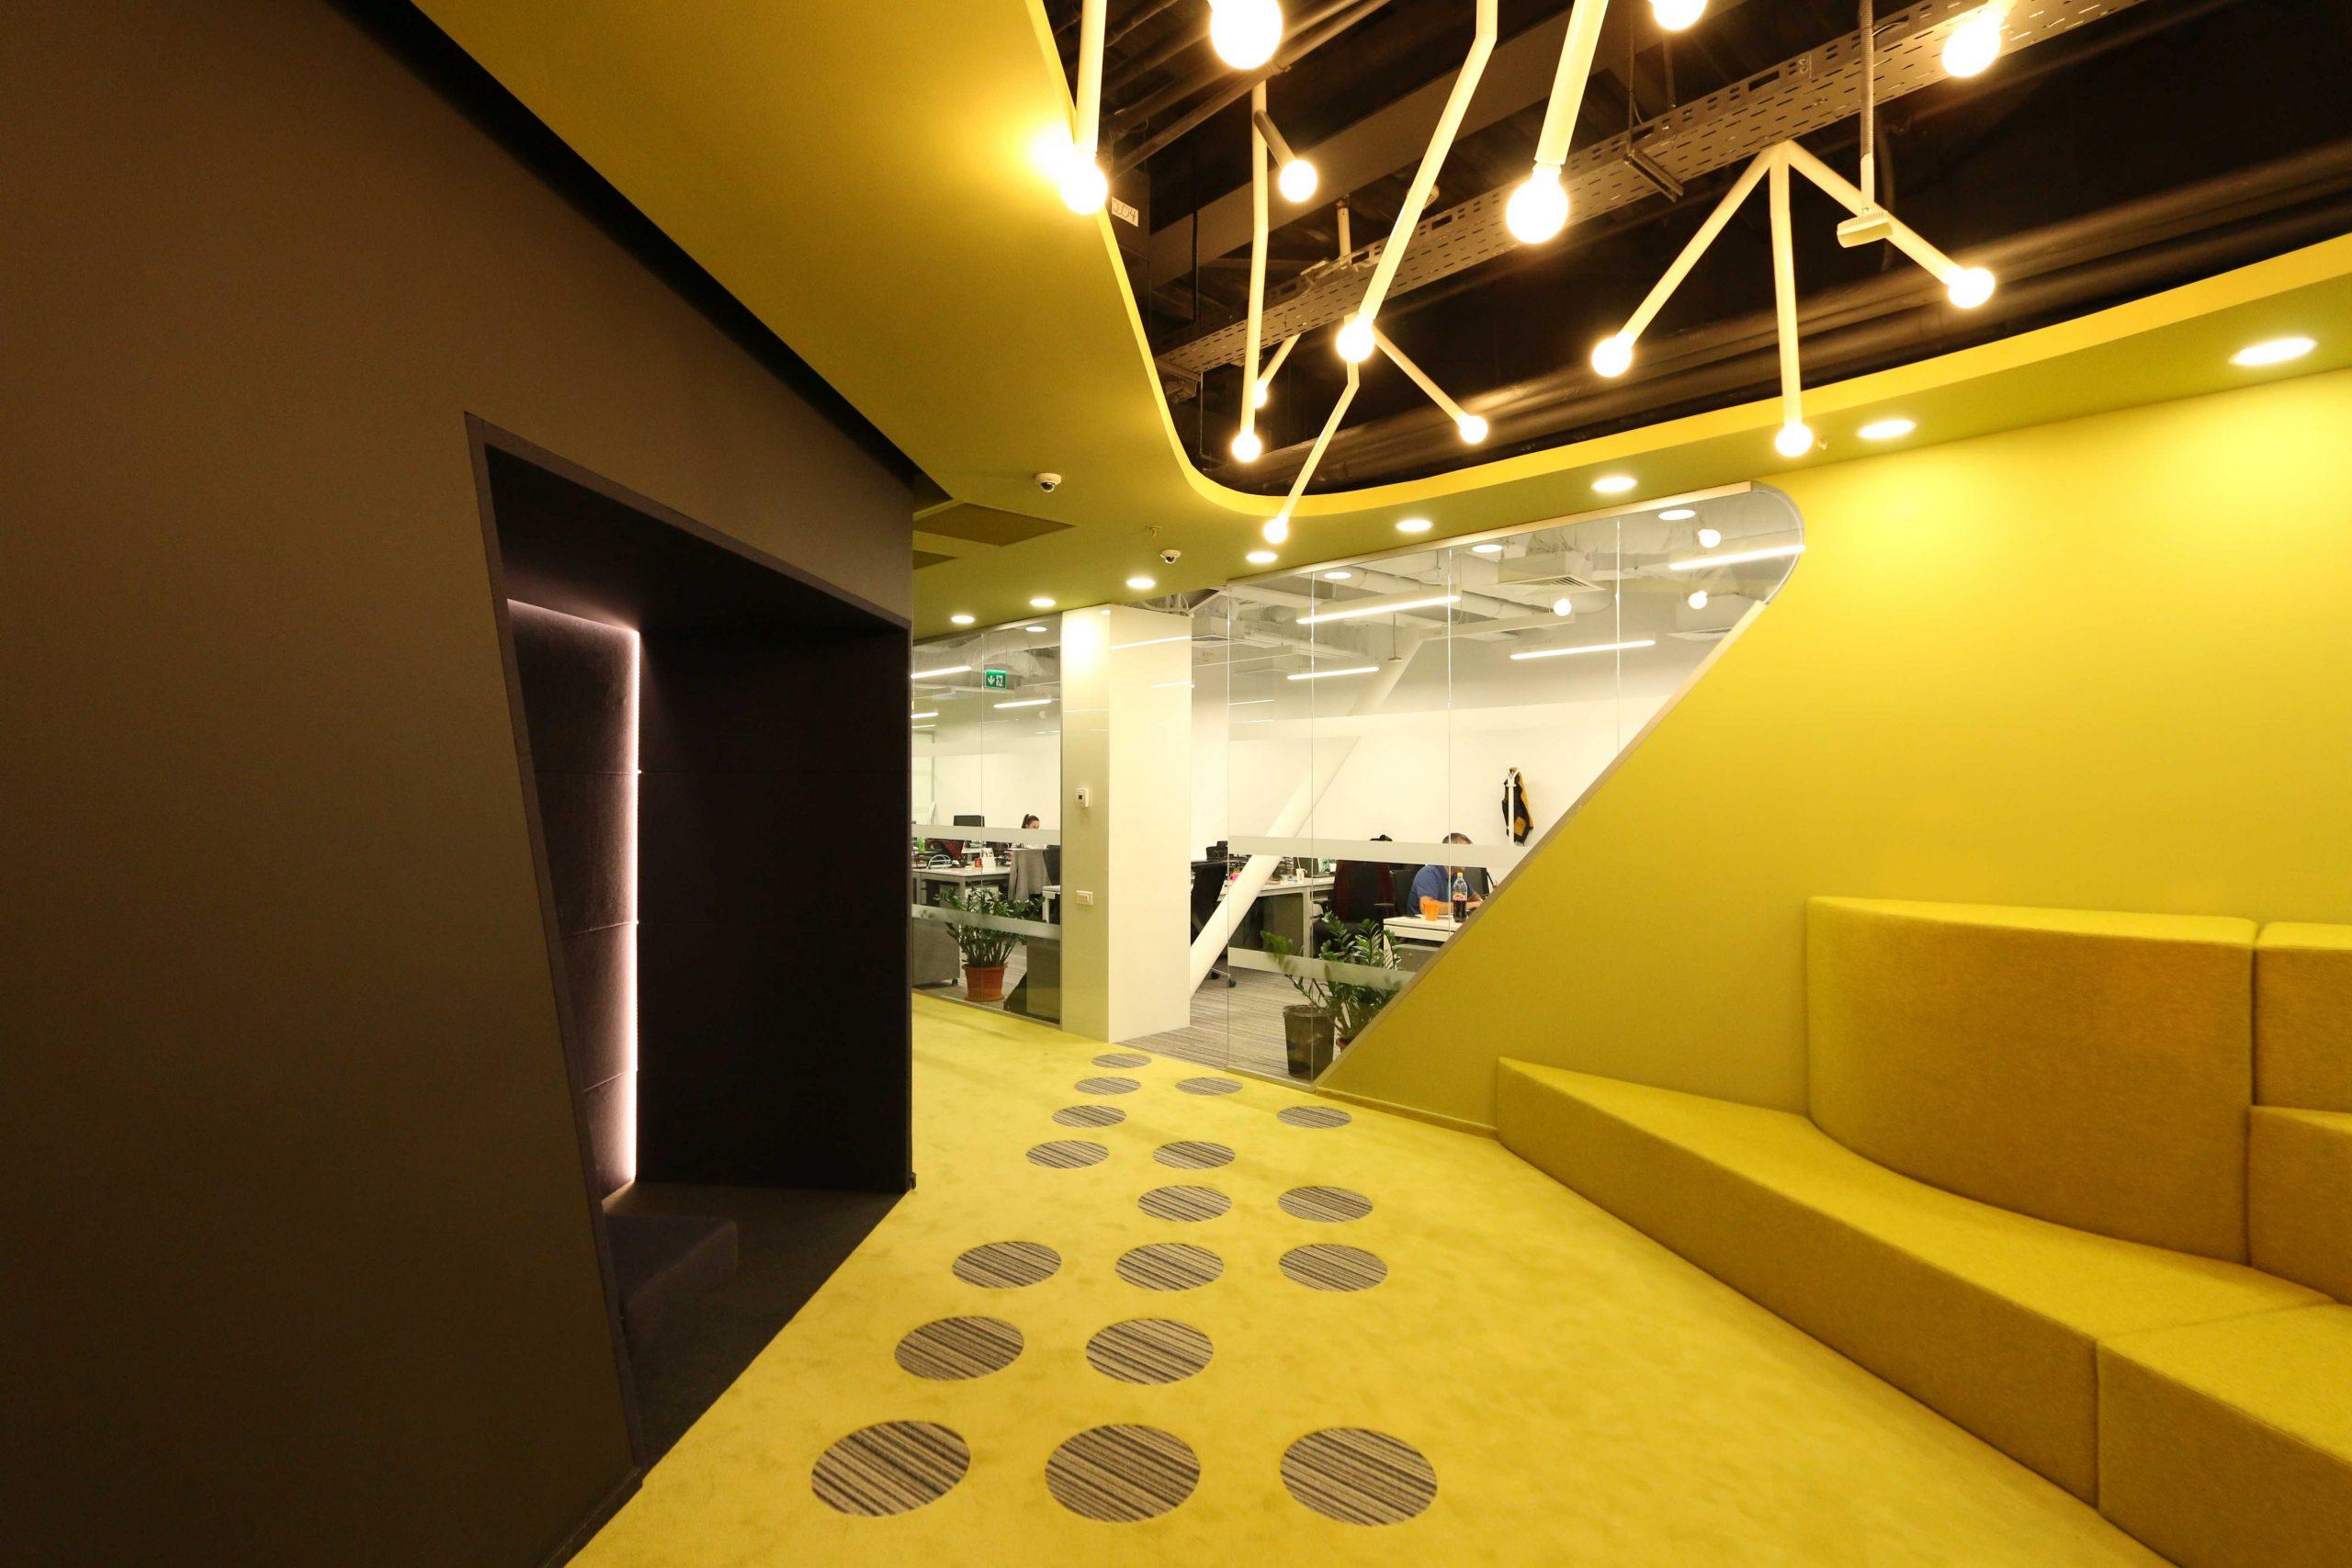 https://nbc-arhitect.ro/wp-content/uploads/2020/10/NBC-Arhitect-_-interiors-_-HQ-Mega-Image-_-Romania-_-interior-design-view_13-scaled.jpg